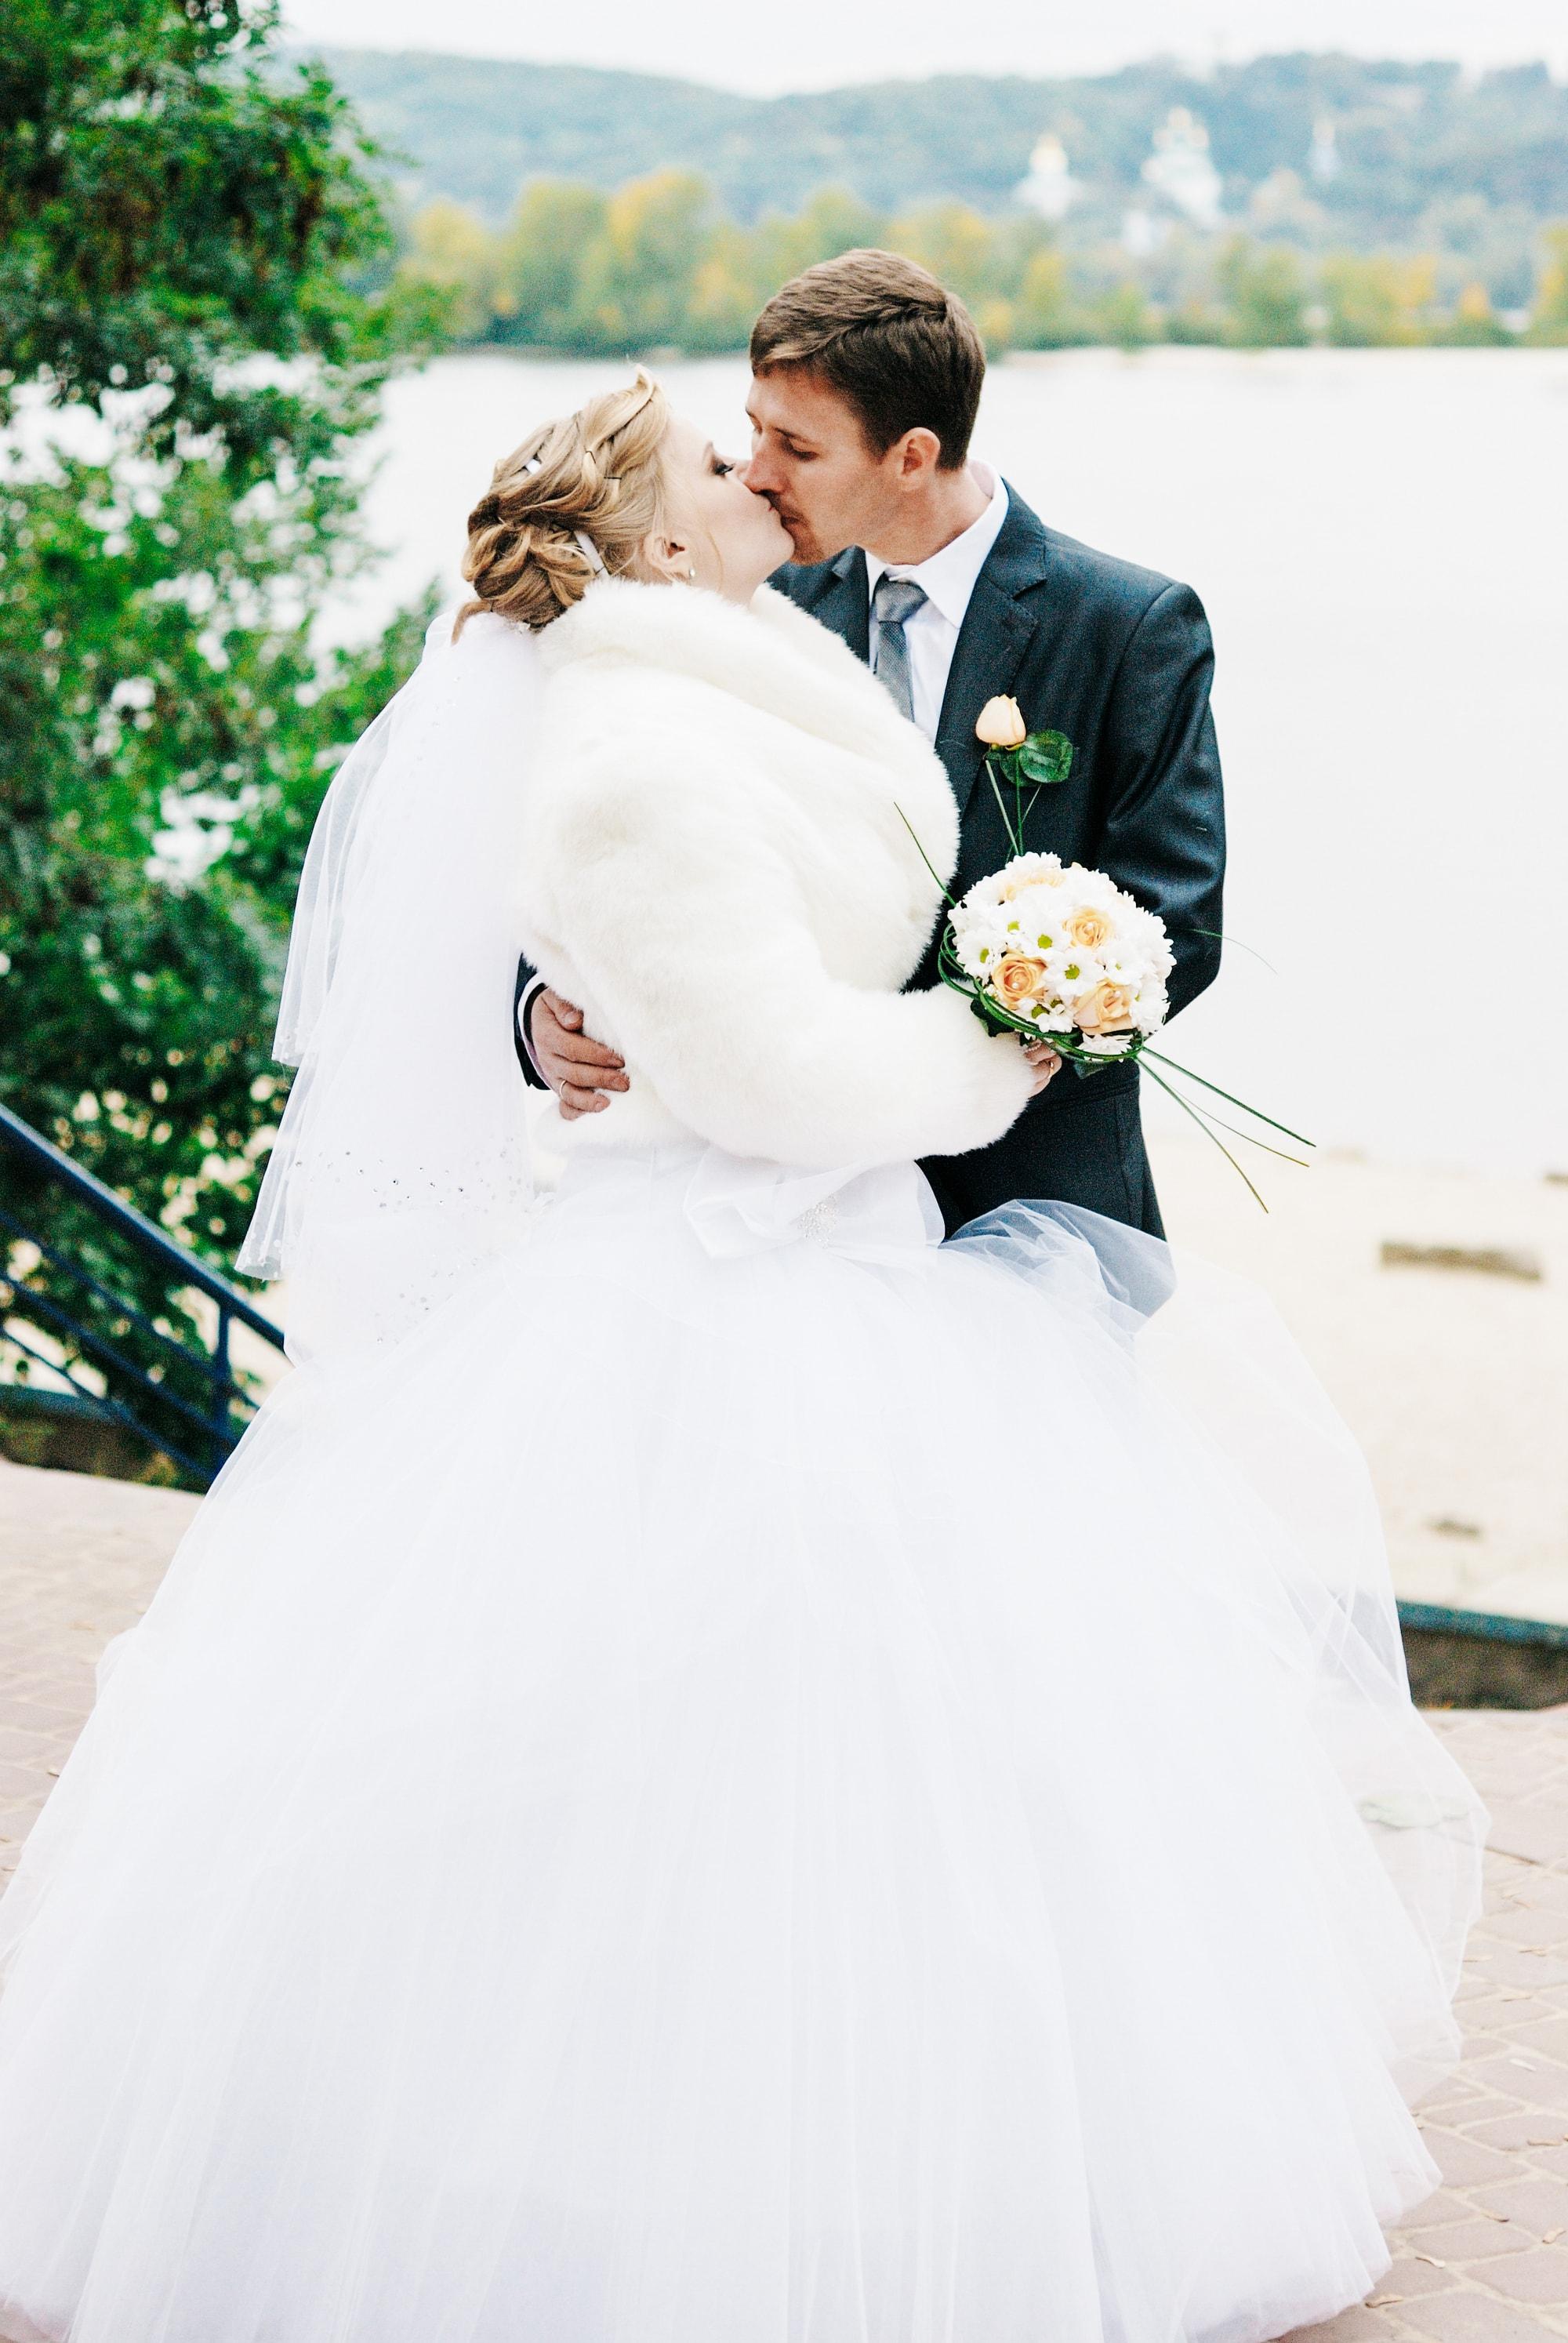 Фото поцелуя молодоженов - Фотограф Киев - Женя Лайт